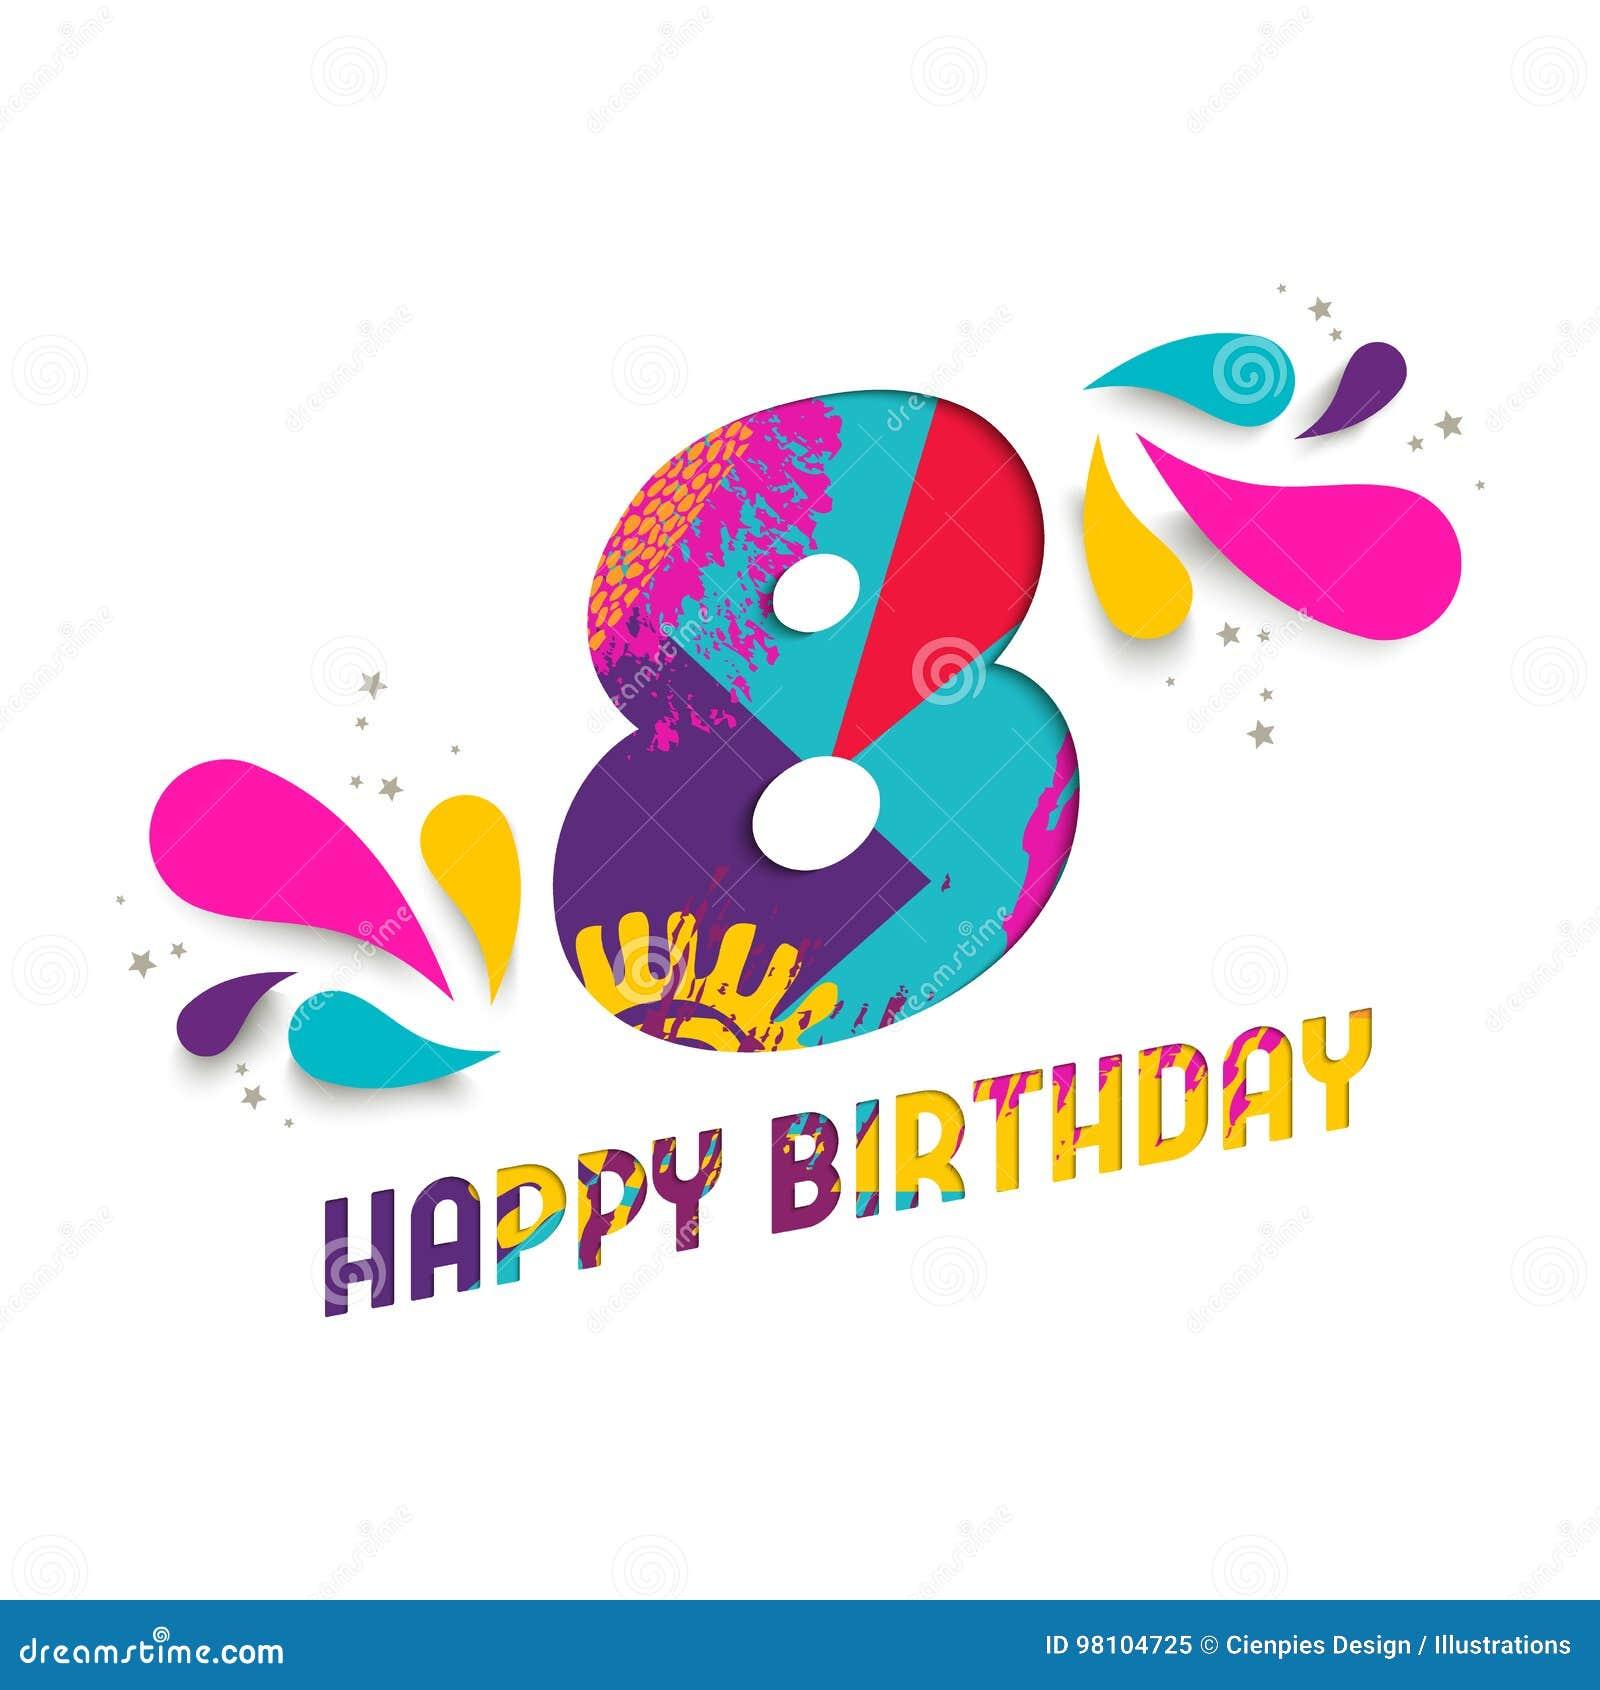 Auguri Buon Compleanno 8 Anni.Il Buon Compleanno Una Carta Da 8 Anni Ha Tagliato La